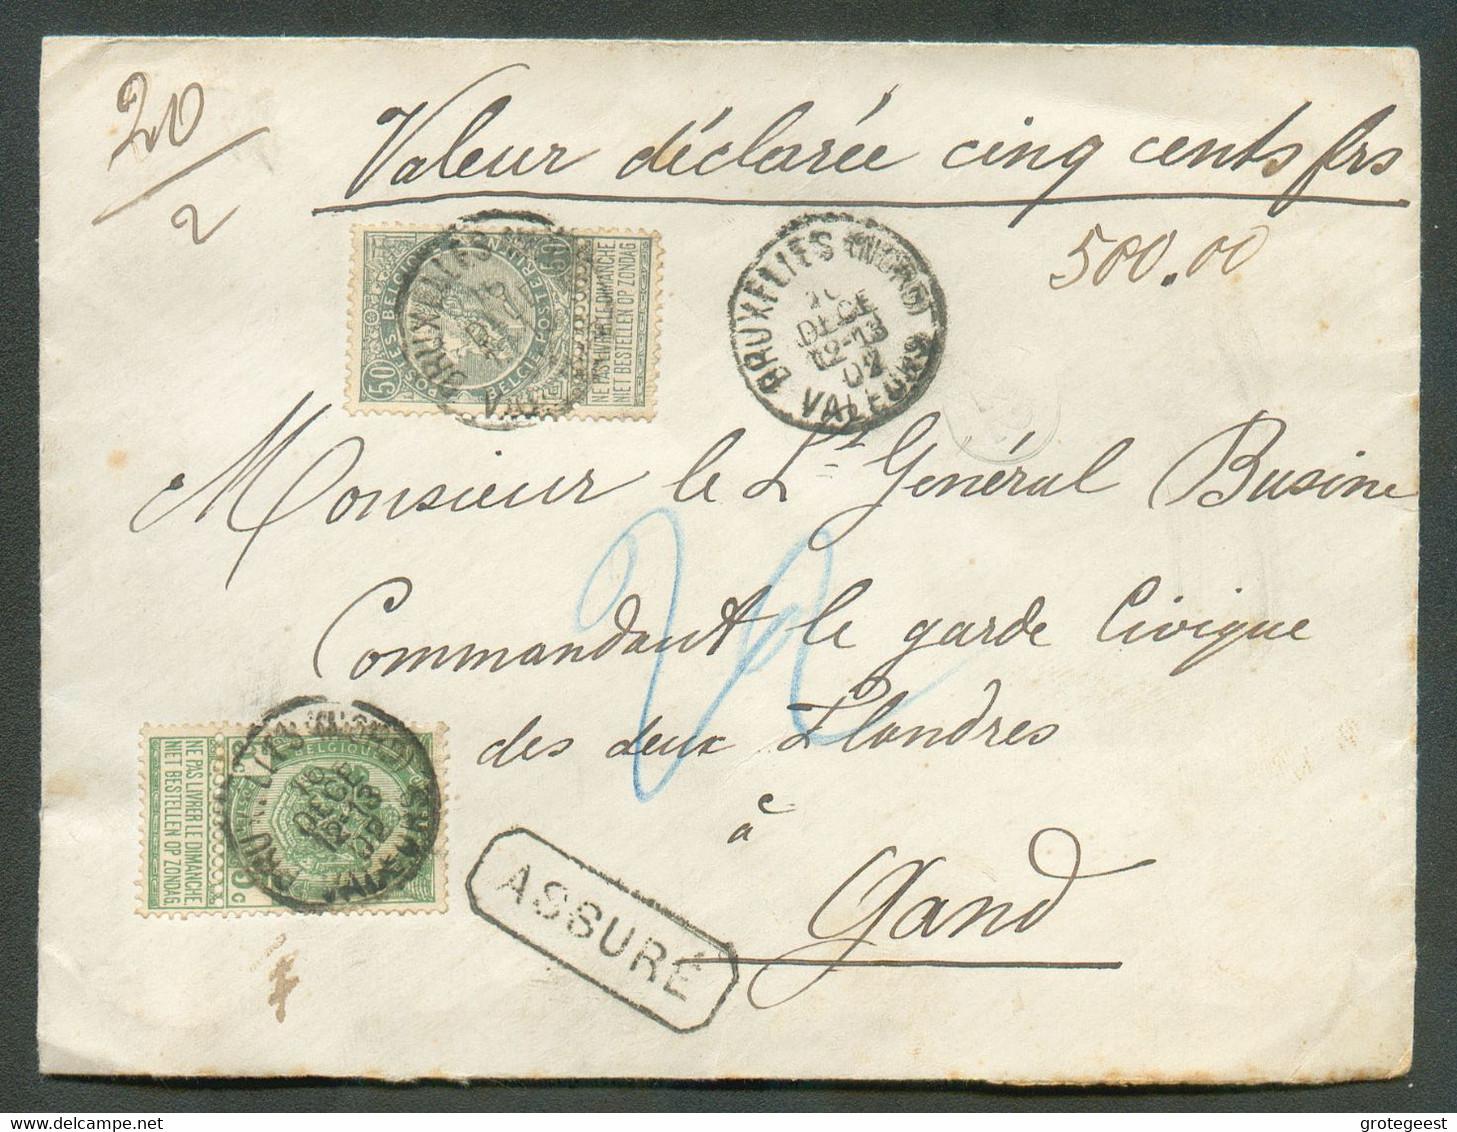 5 Et 50 Centimes FINES BARBES Obl. Sc BRUXELLES (NORD) VALEURS Sur Lettre ASSURE (valeur 500 Francs) En Double Port (20g - 1893-1900 Schmaler Bart